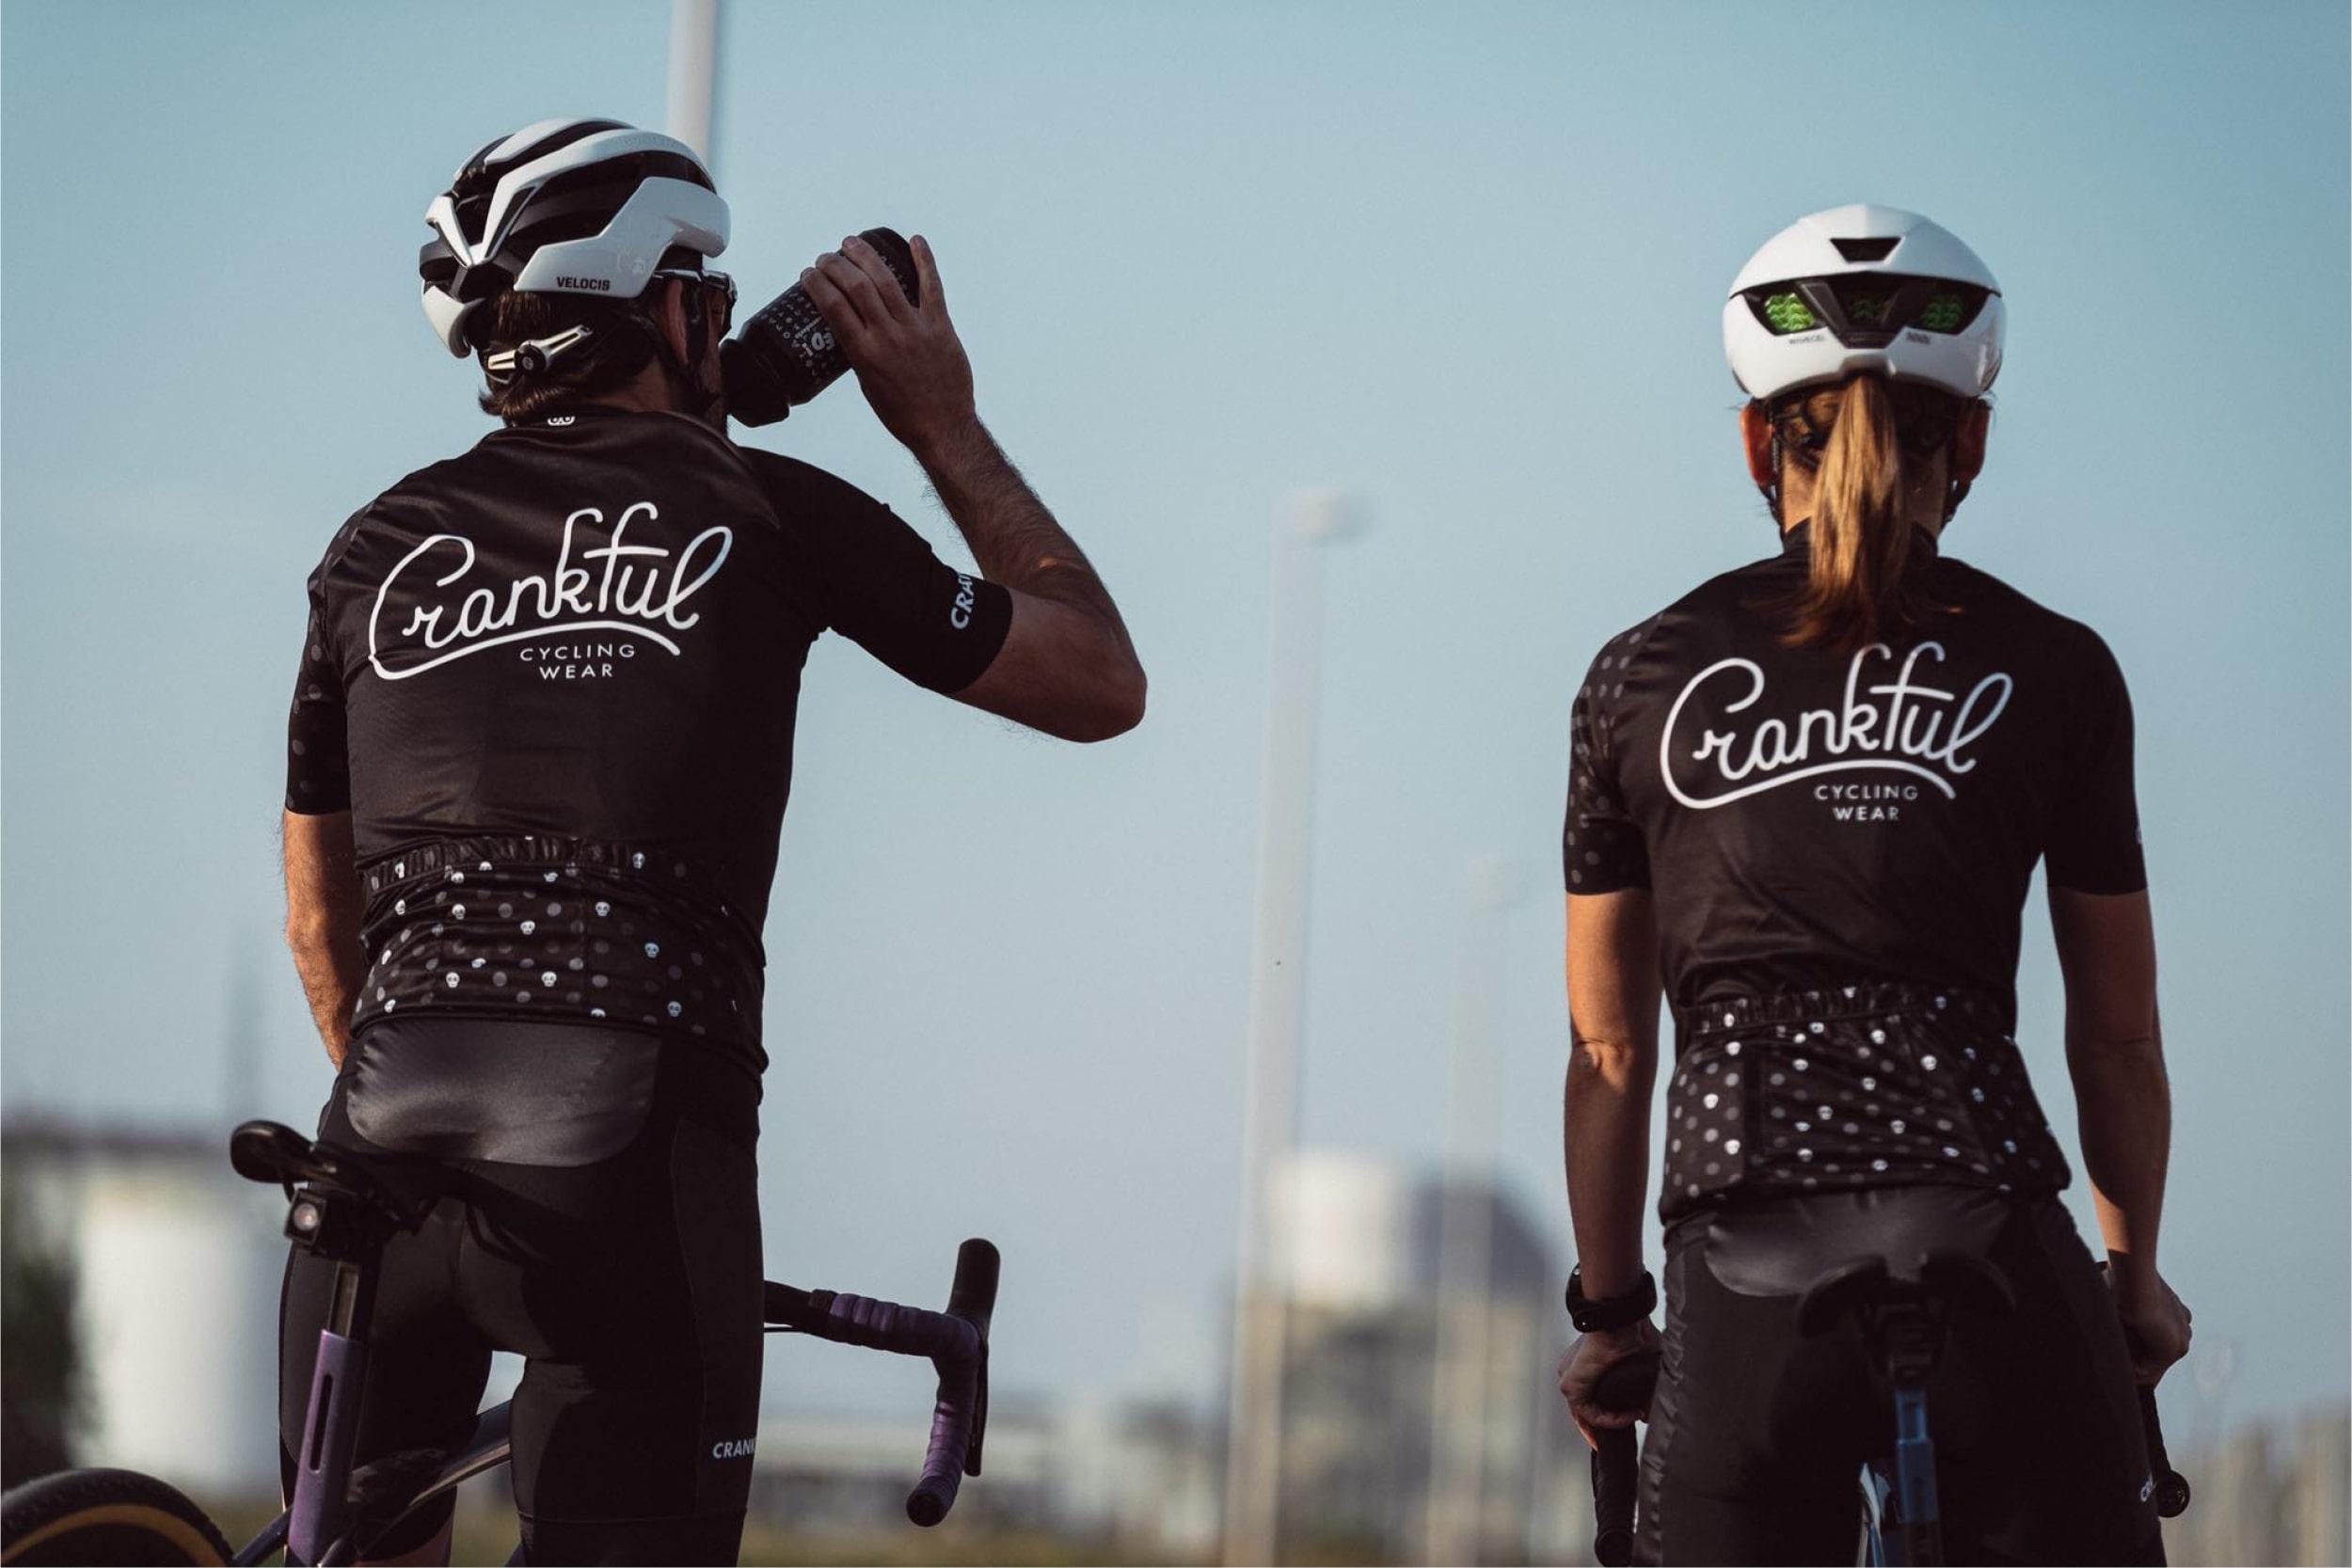 femke_nouters_crankfull_branding_sport_clothing